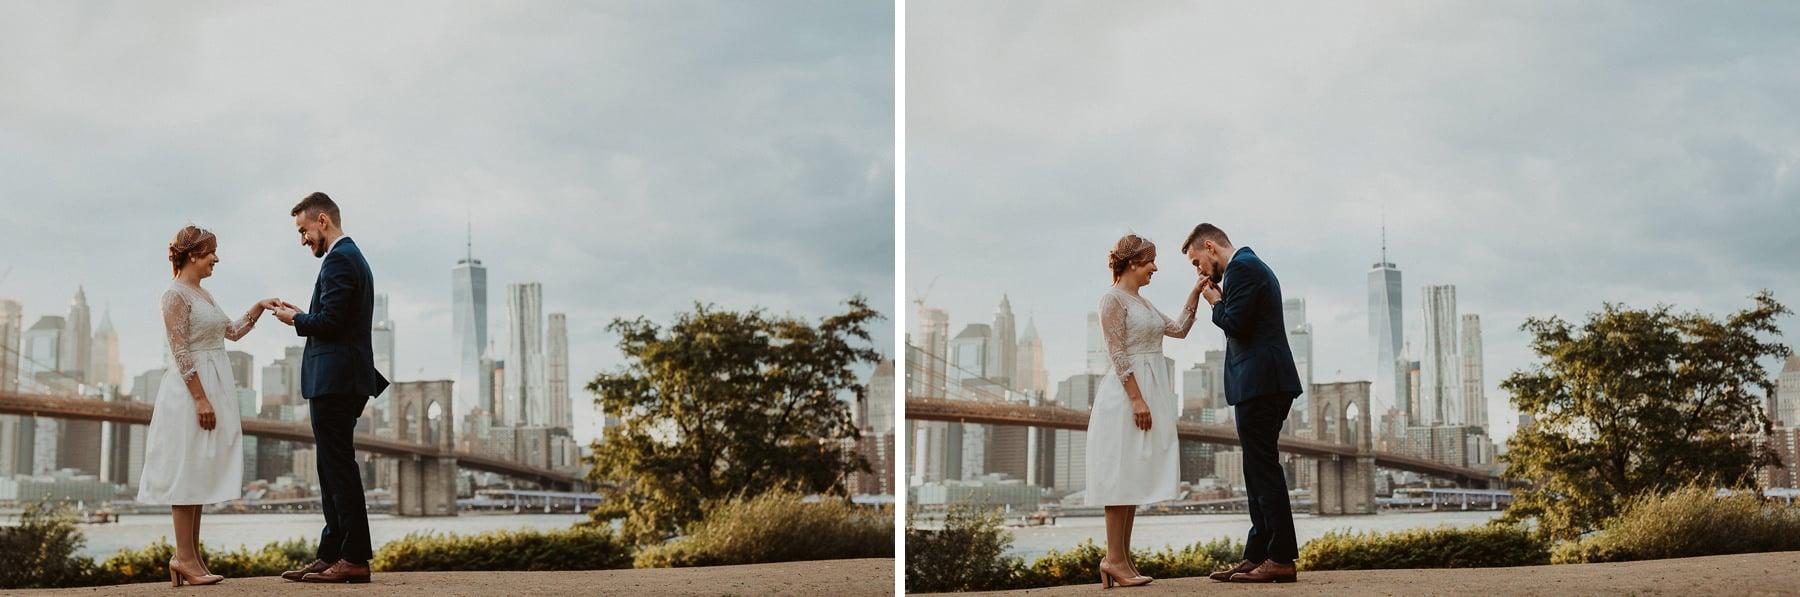 casamento em nova york